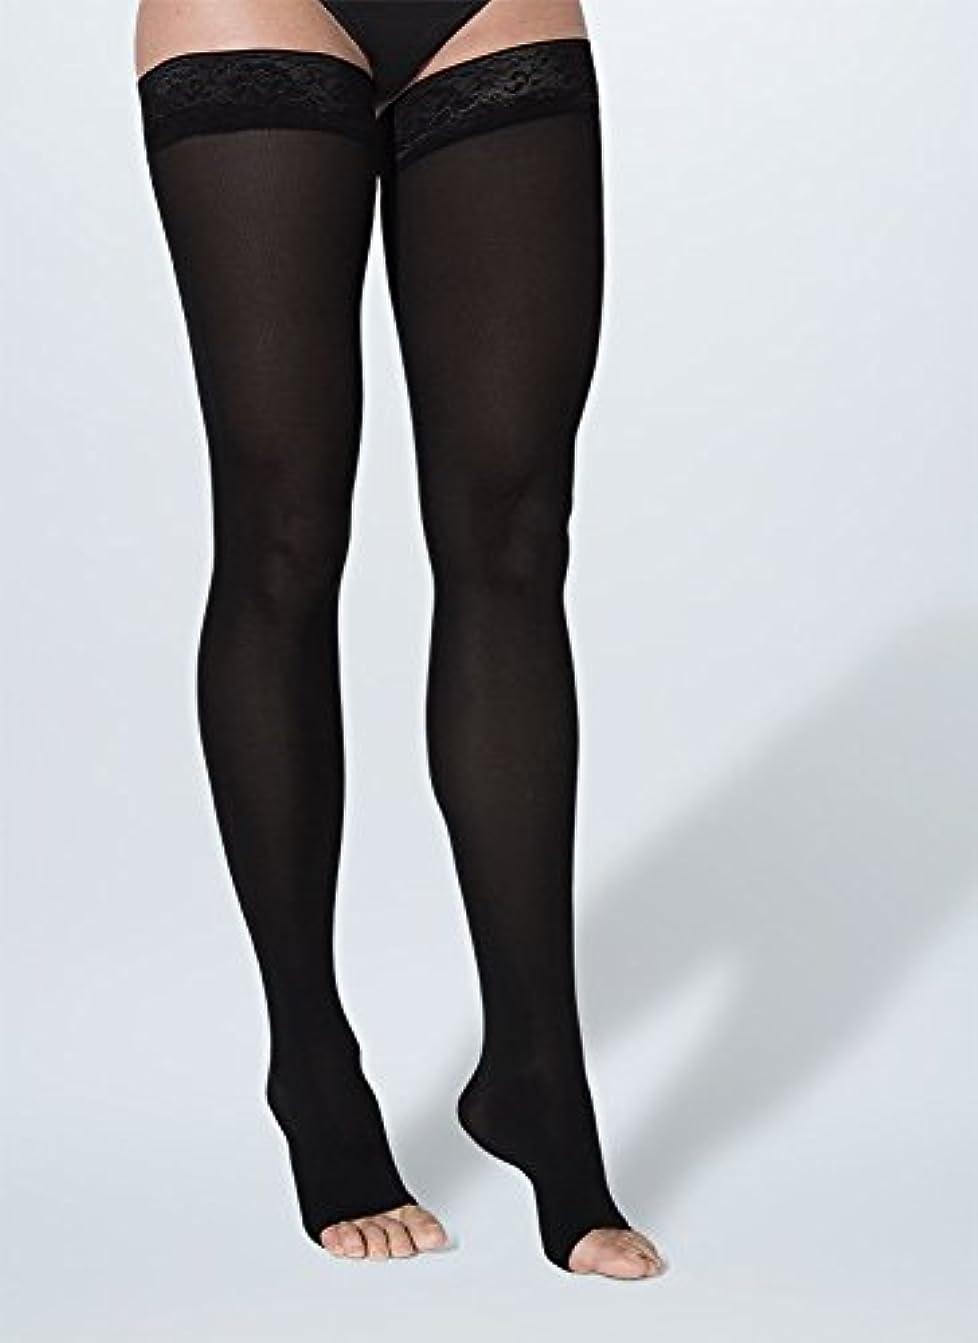 直面する意味重さSigvaris Soft Opaque Thigh High 15-20mmHg Women's Open Toe Short Length, SL, Nude by Sigvaris